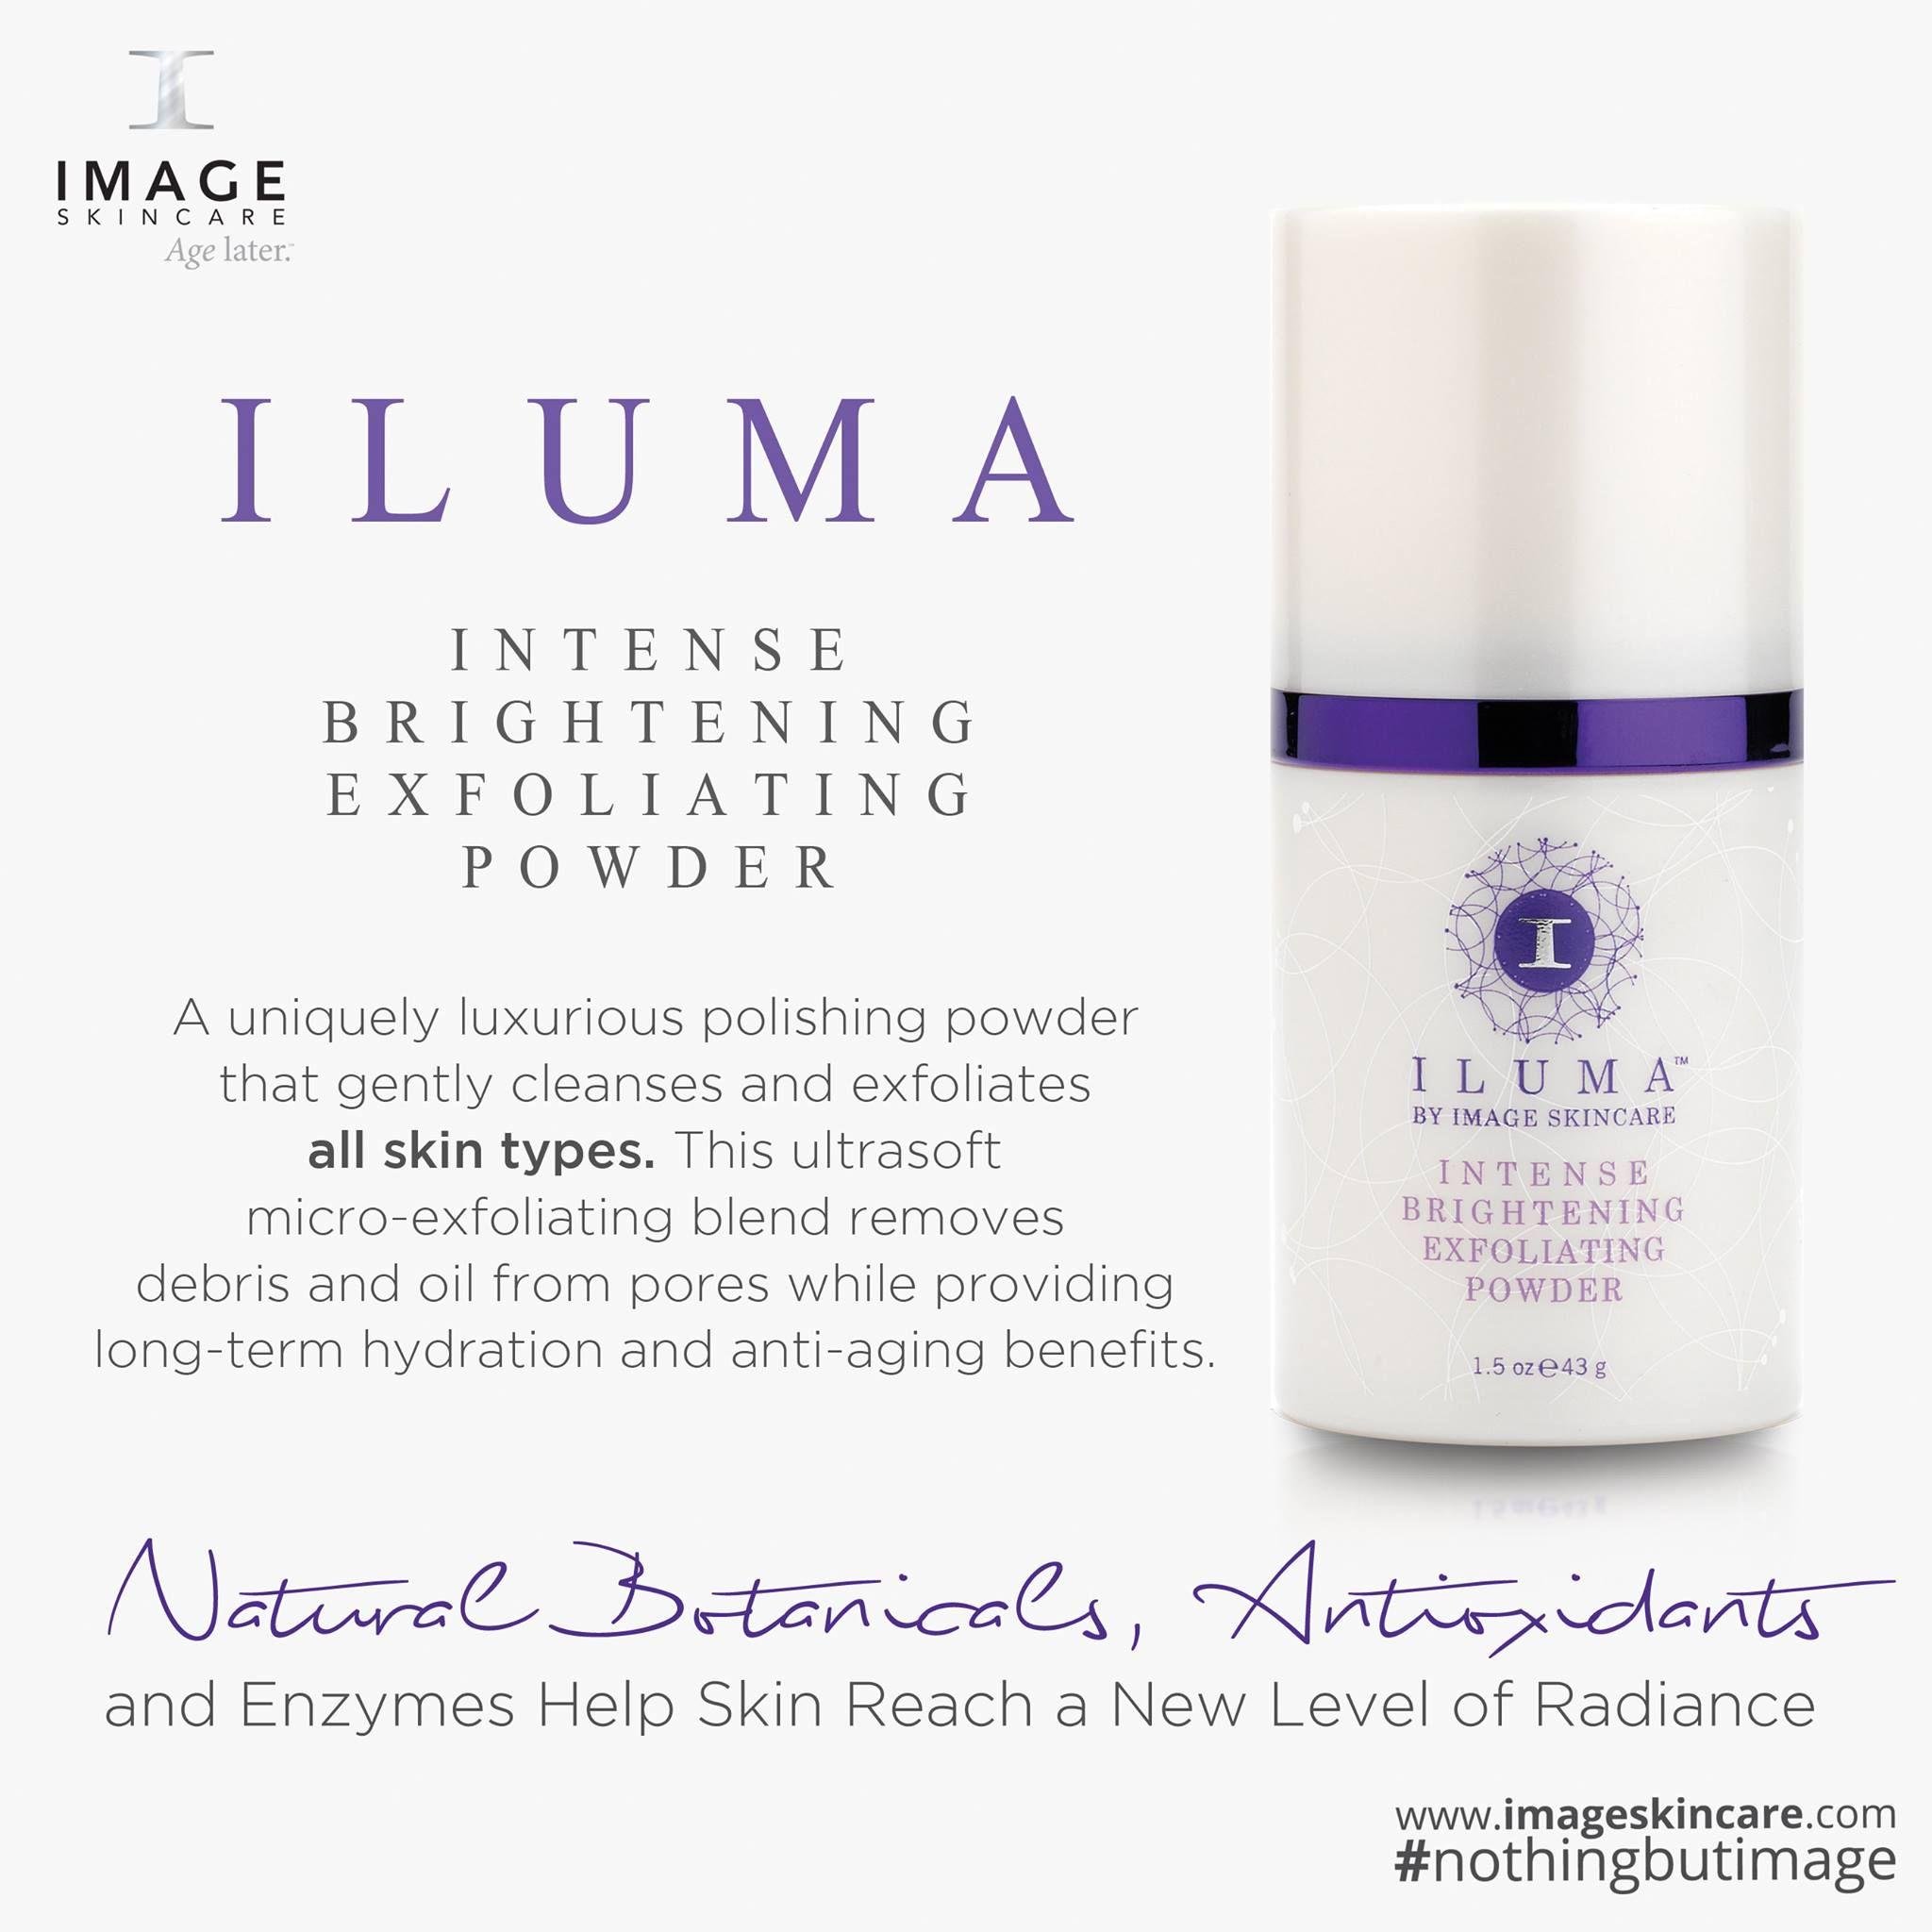 Iluma Intense Brightening Exfoliating Powder Image Skincare In